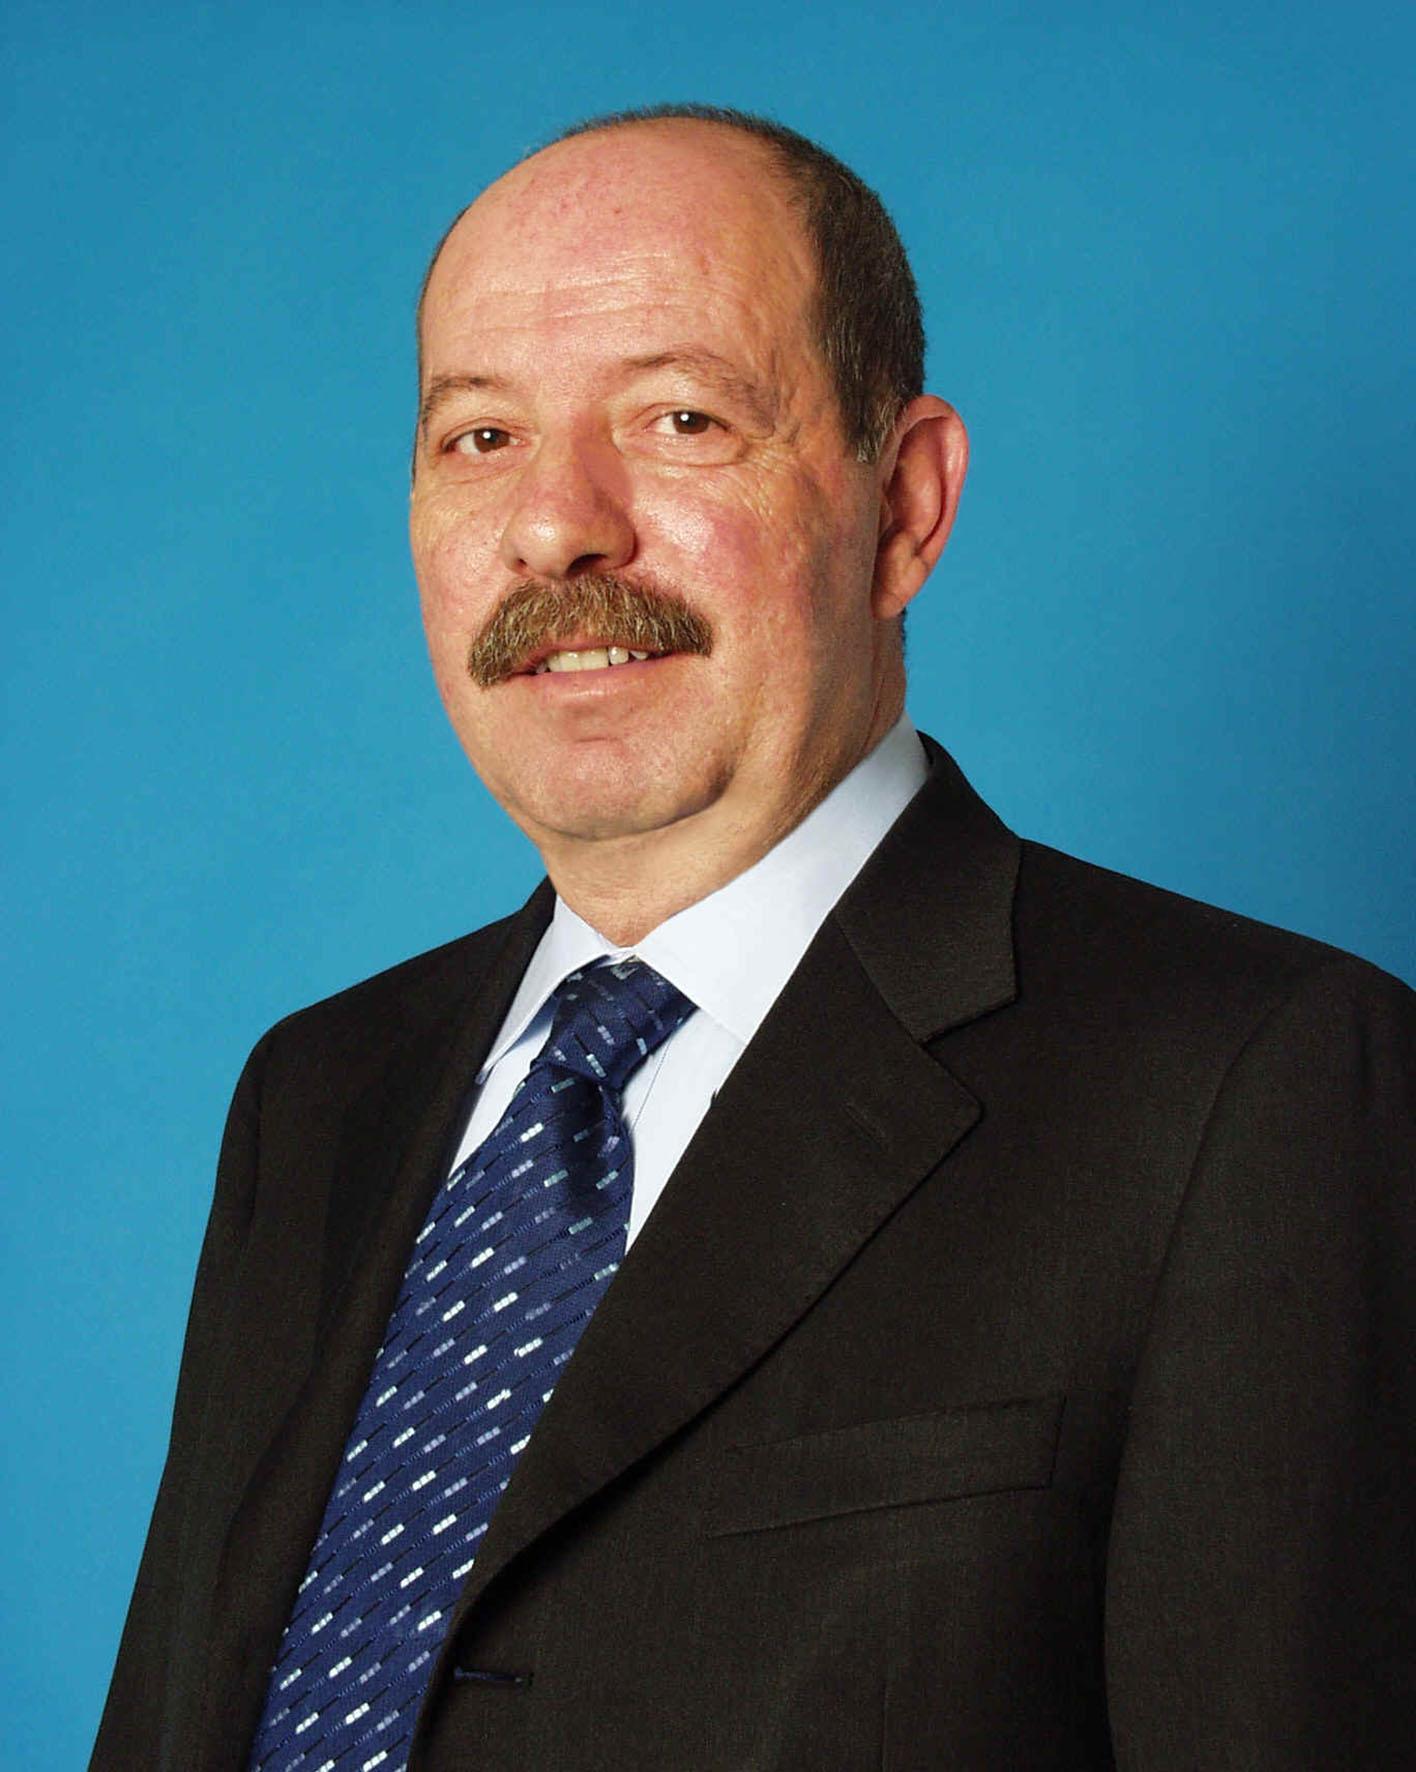 Walter Stefan